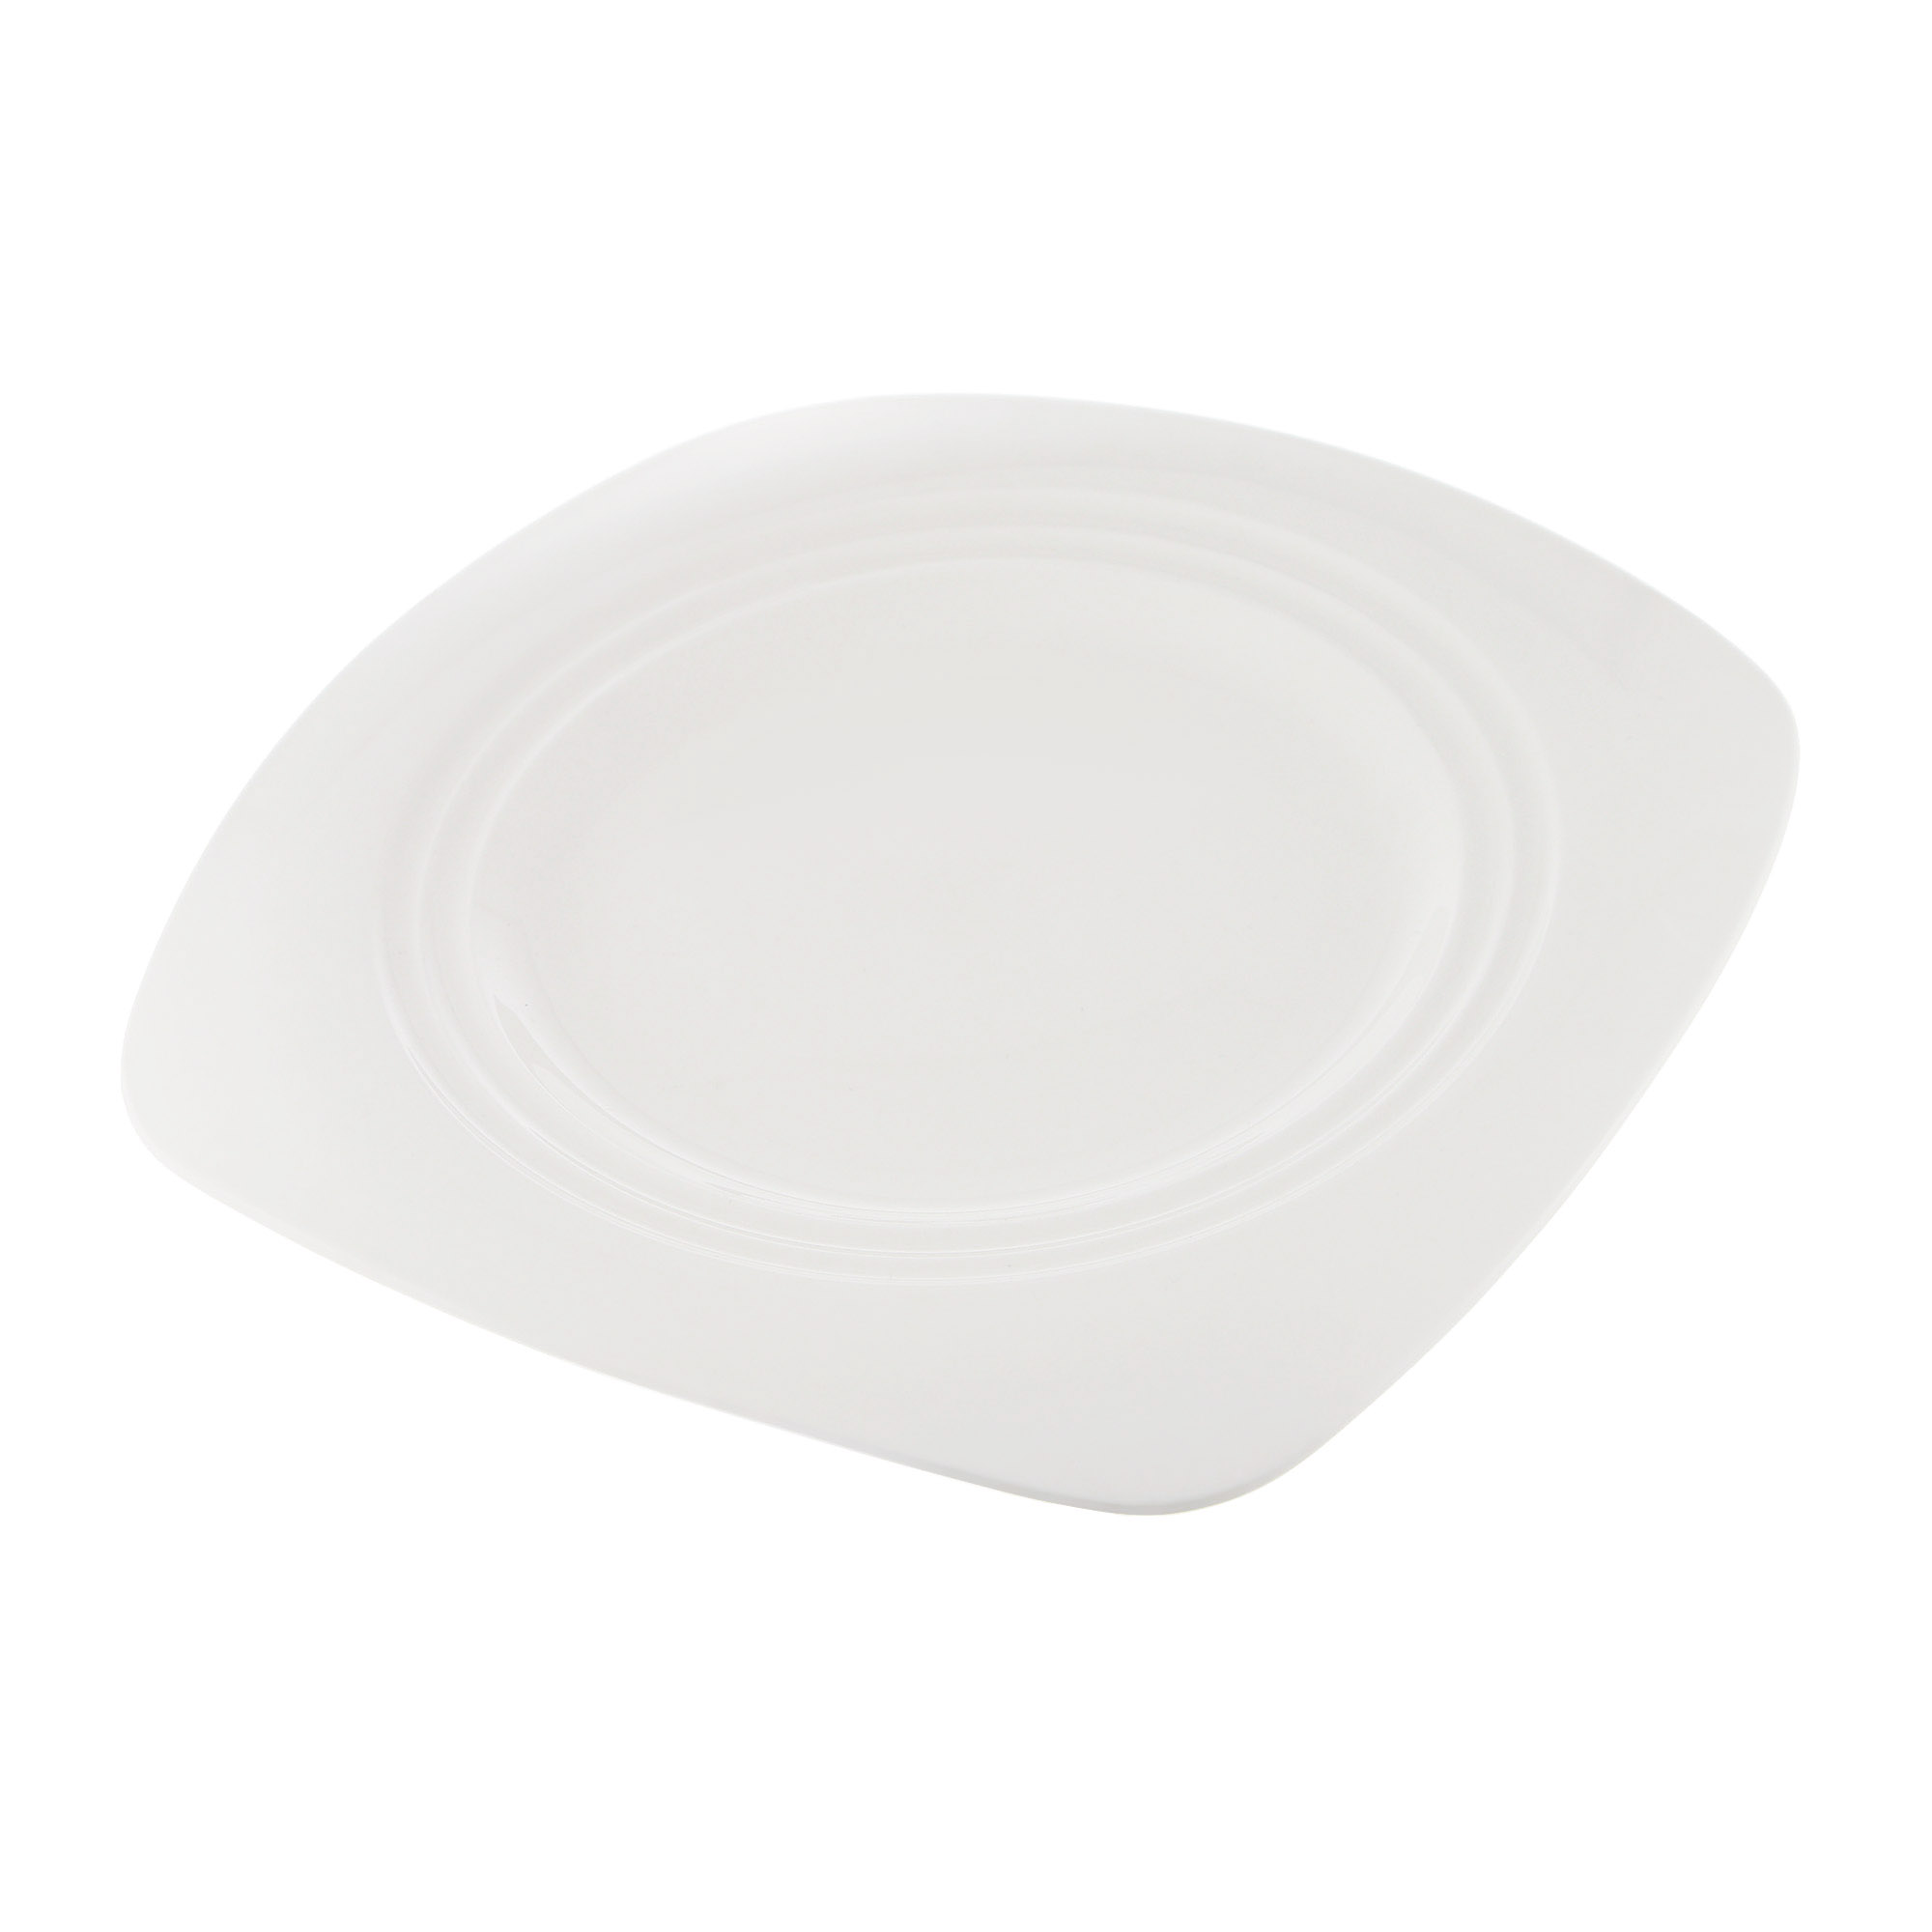 Тарелка Cameo Concentrics фарфор 27,7х27,7 см